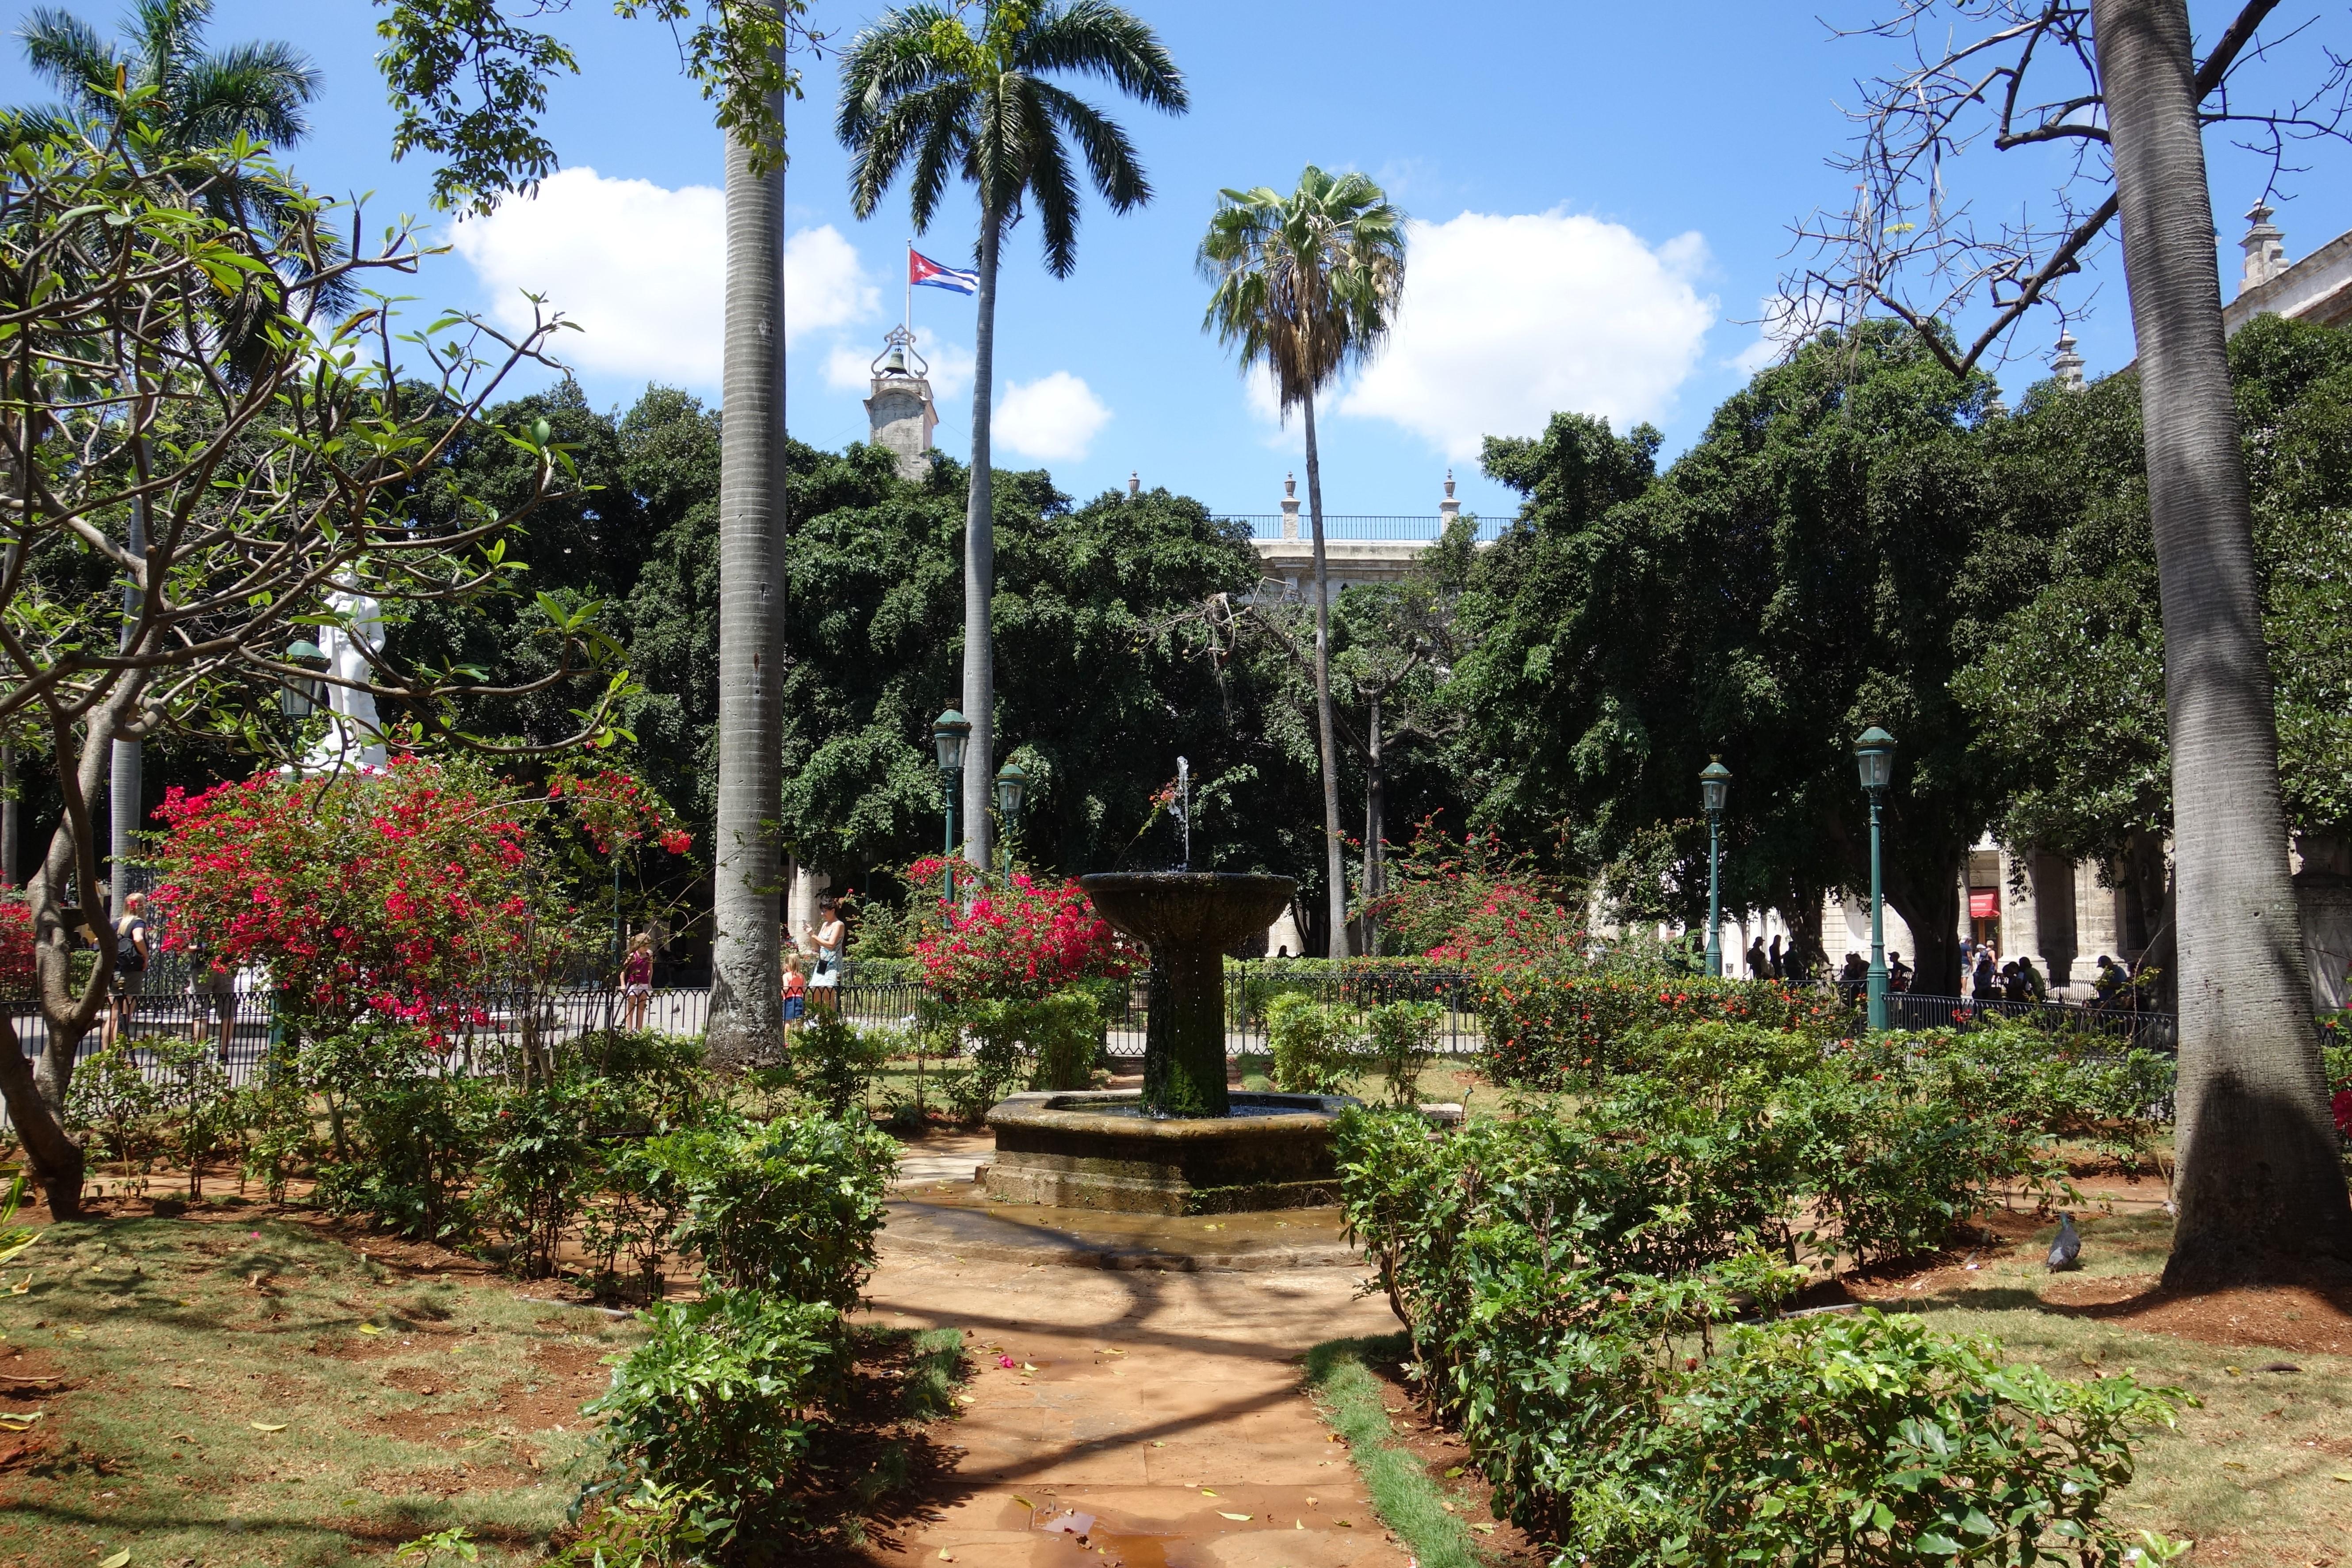 havana-plaza-de-armas